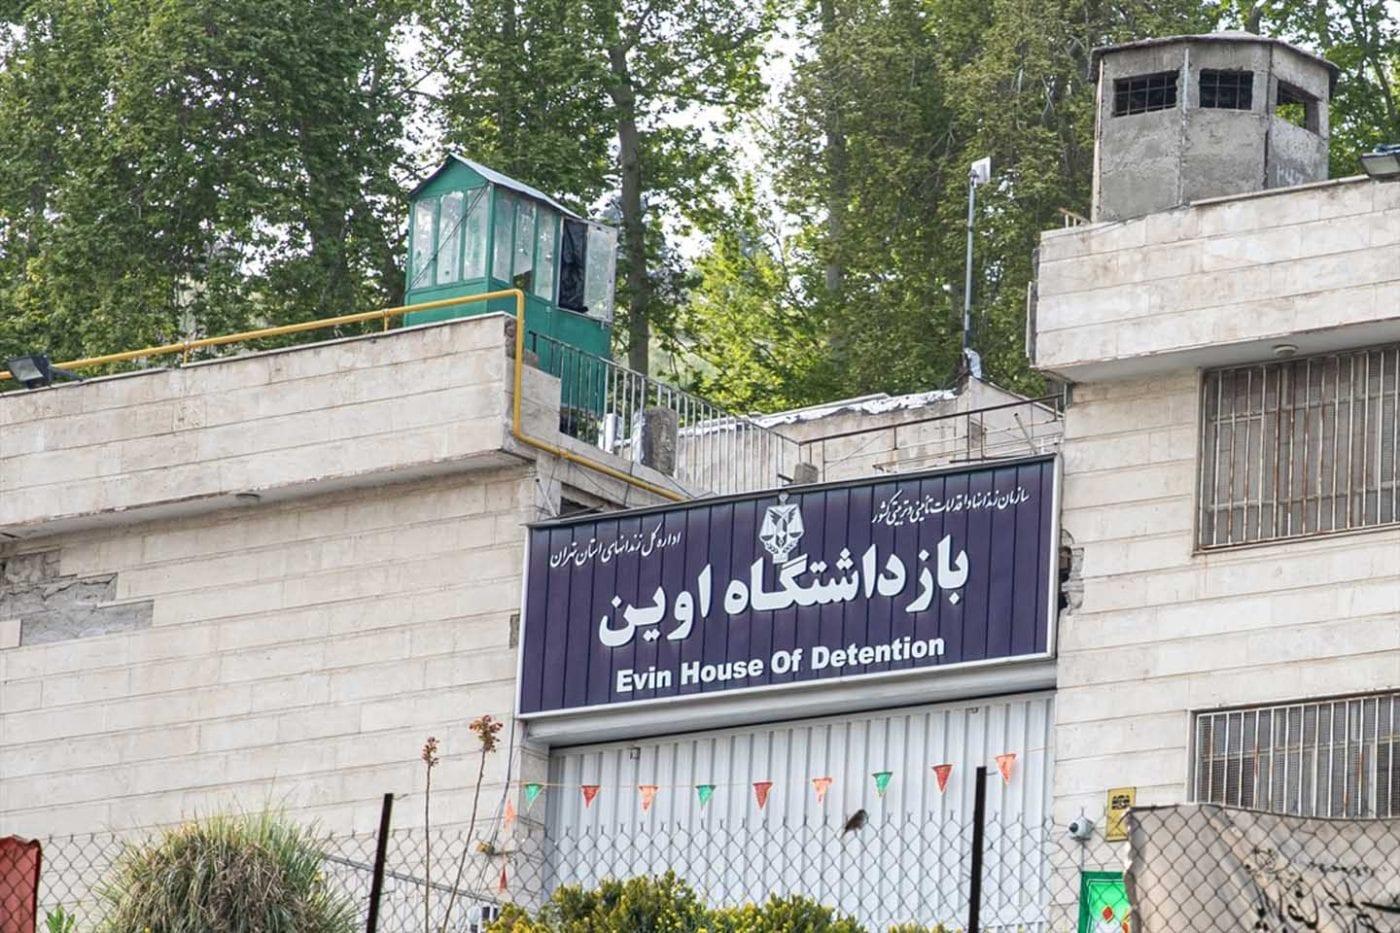 سازمان عفو بینالملل به عدم پاسخگویی ایران در قبال مرگ دستکم ۷۲ زندانی اعتراض کرد